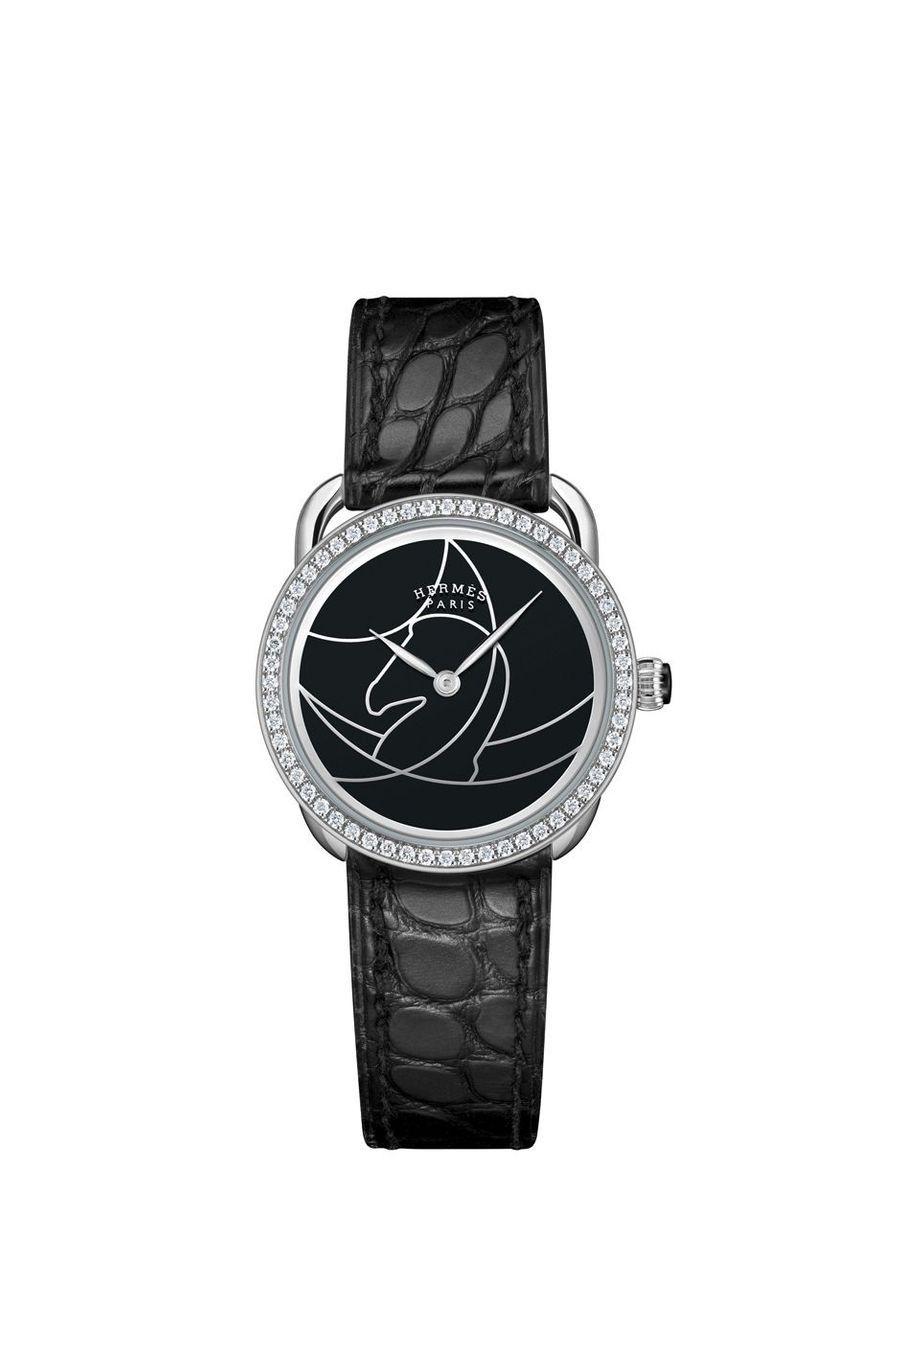 Arceau Cavales en or acier, lunette sertie de diamants, 28 mm de diamètre, cadran en laque représentant le profil d'un cheval, mouvement à quartz, bracelet en alligator. 8 000 €. Hermès.